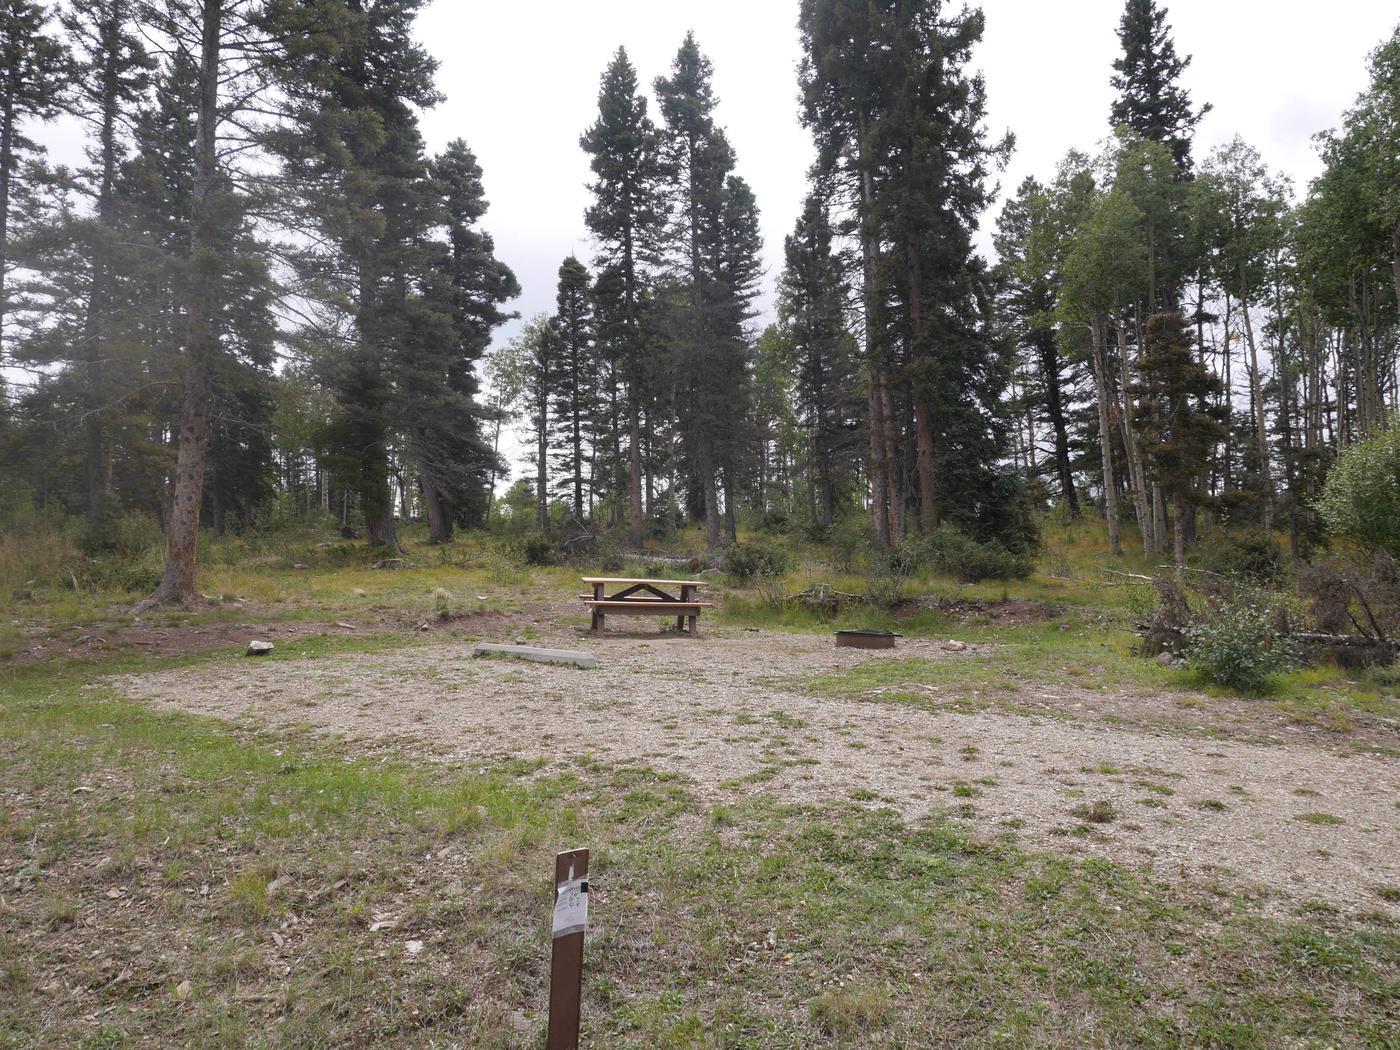 Campsite #14